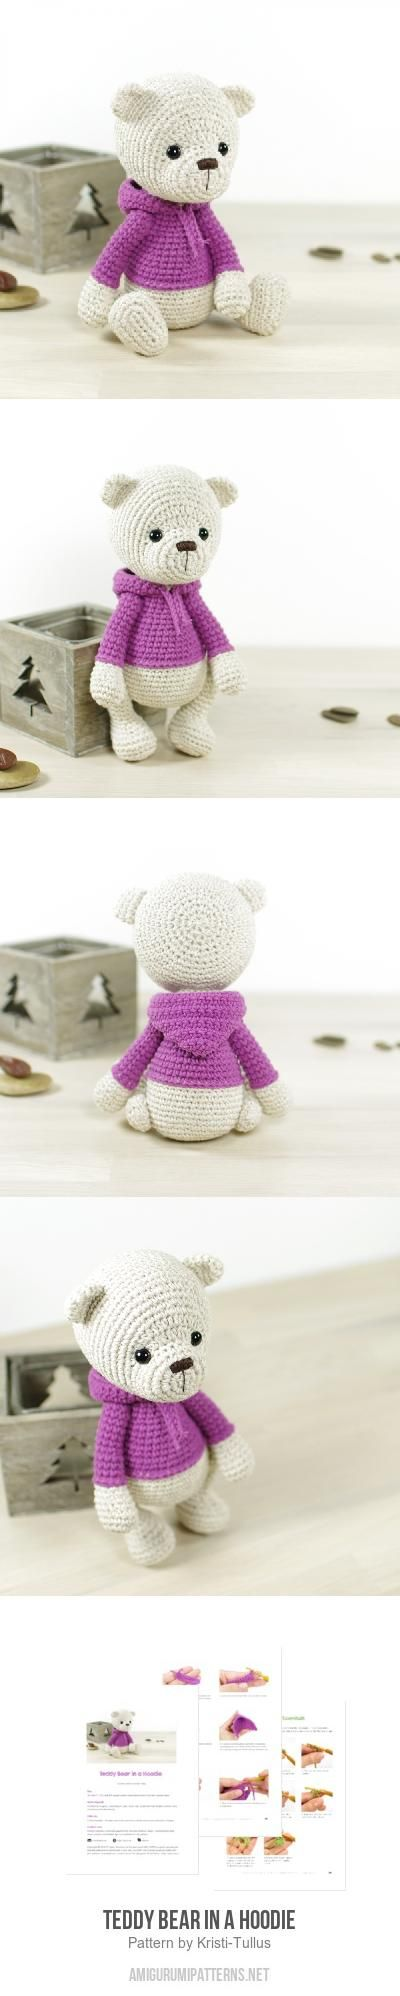 Teddy bear in a hoodie amigurumi pattern by Kristi Tullus   Patrones ...